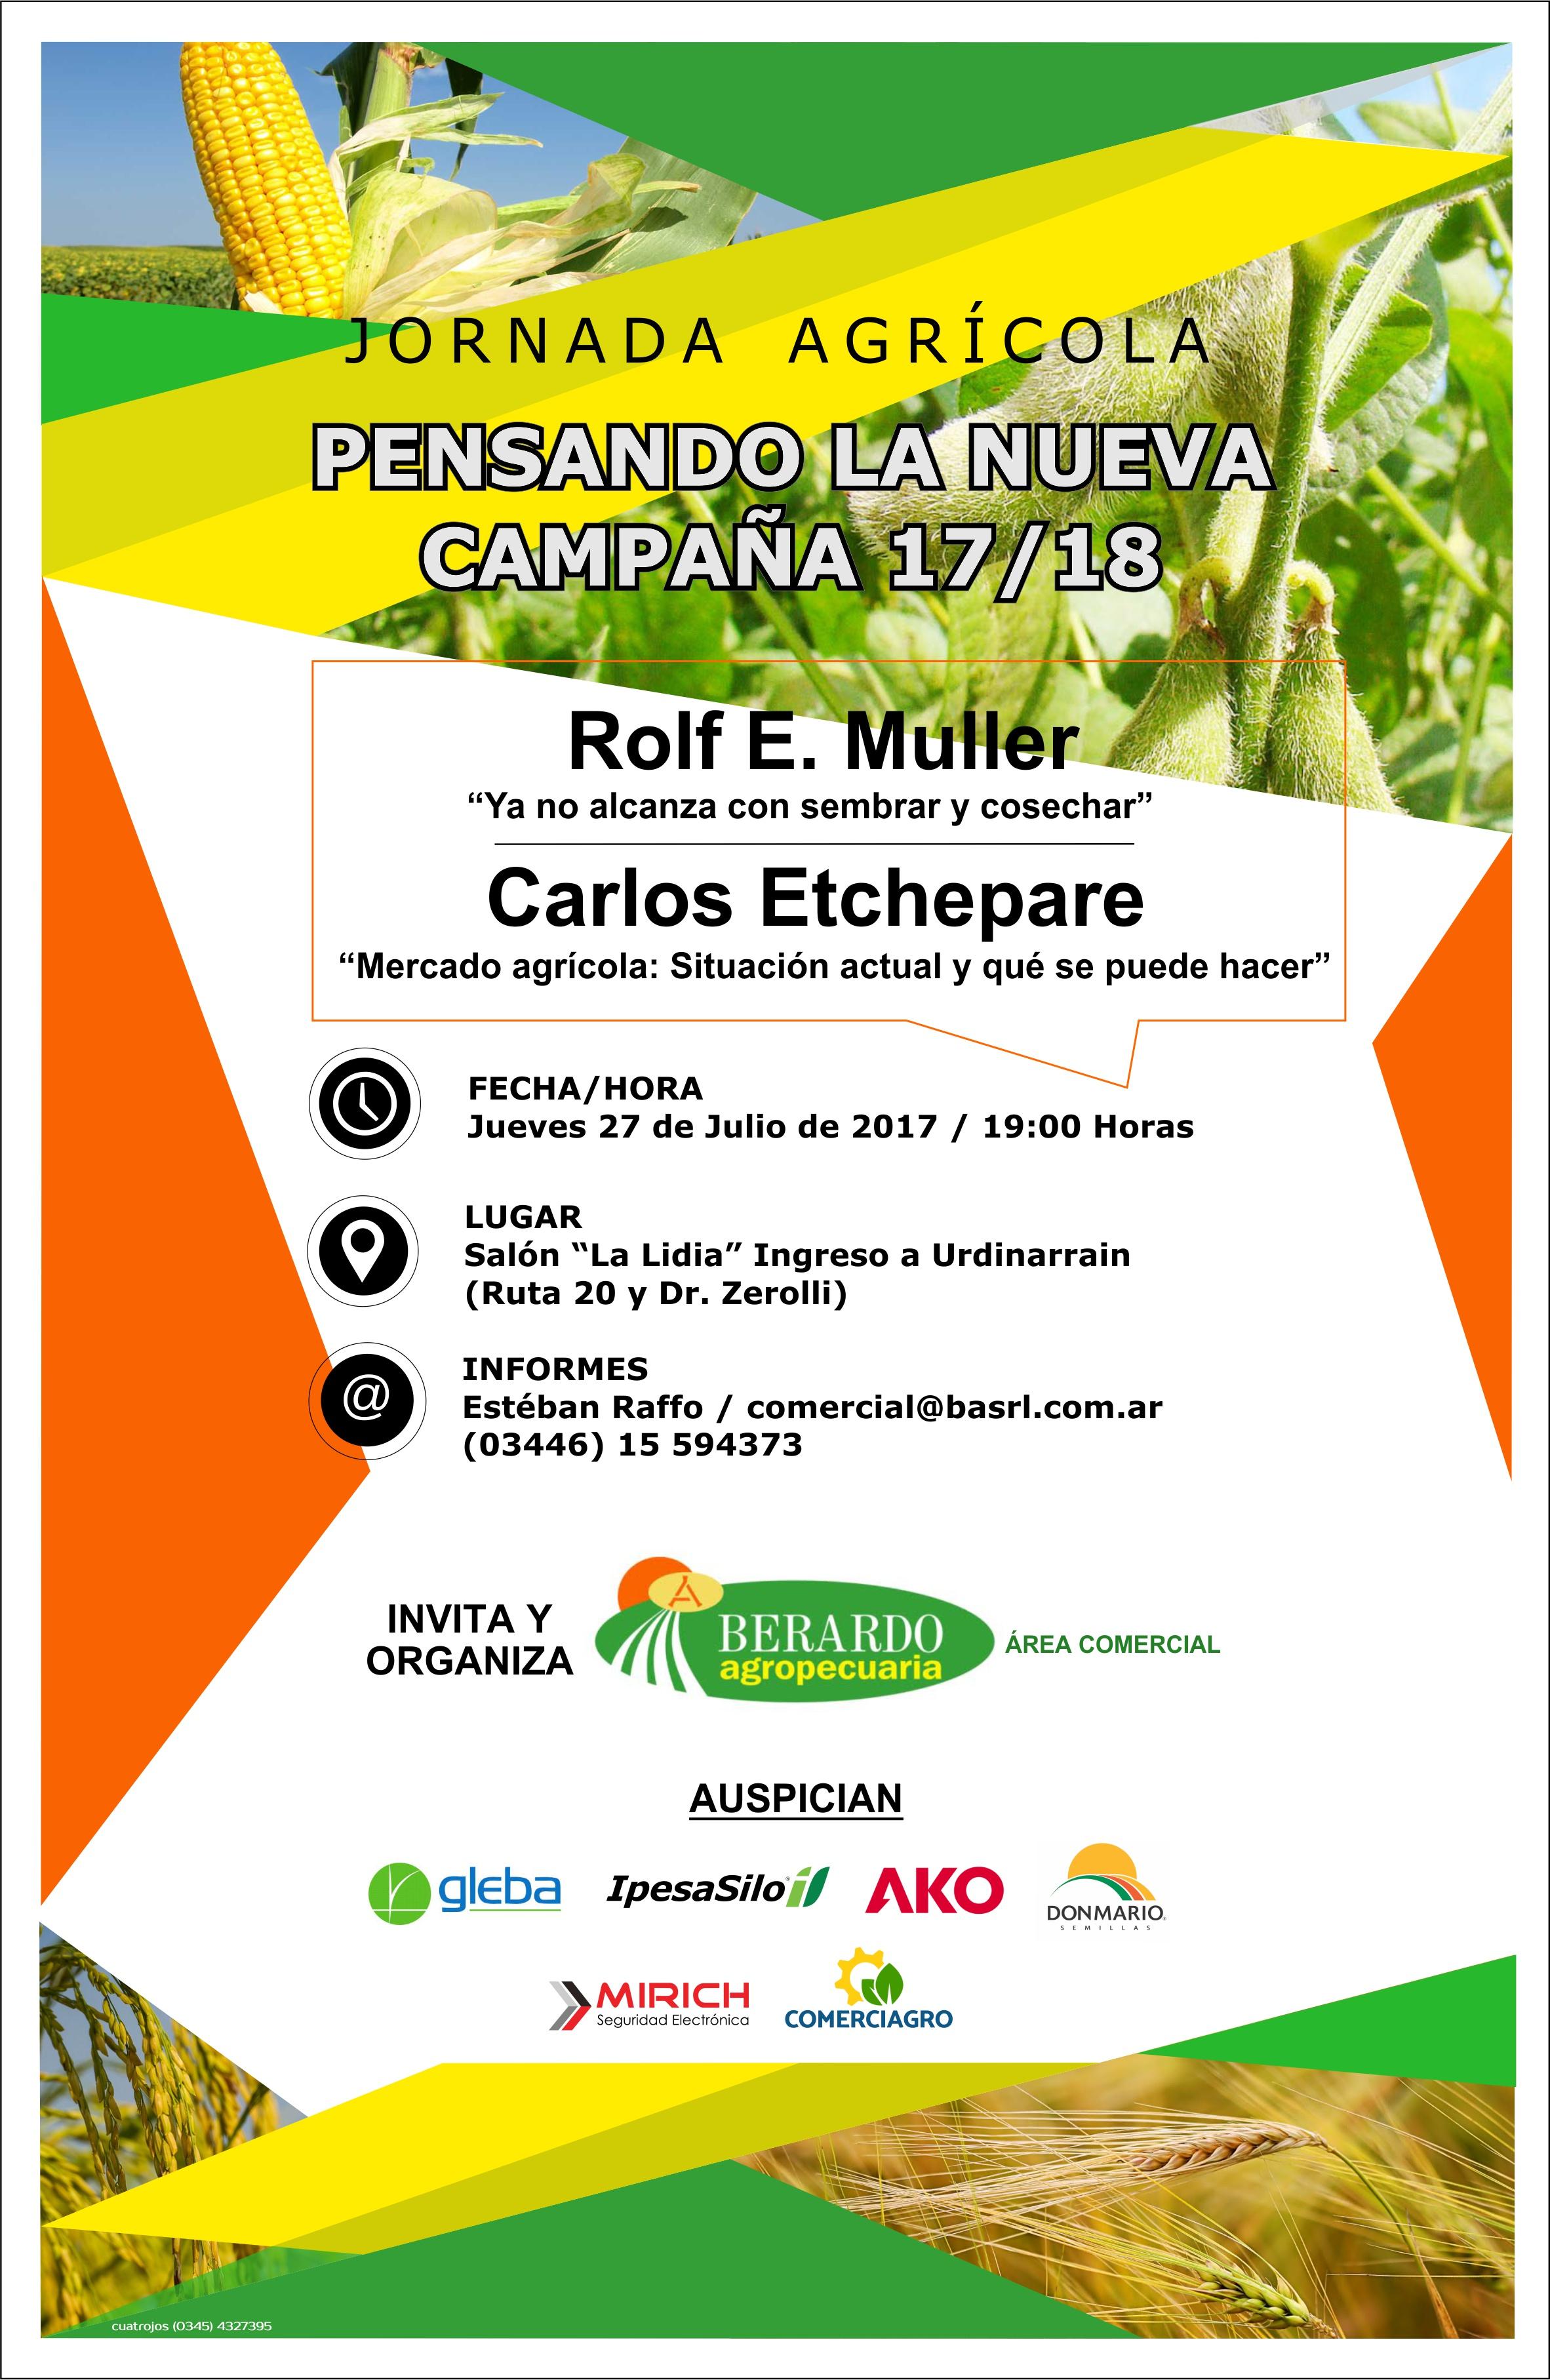 Jornada Agrícola: Pensando La Nueva Campaña 17/18